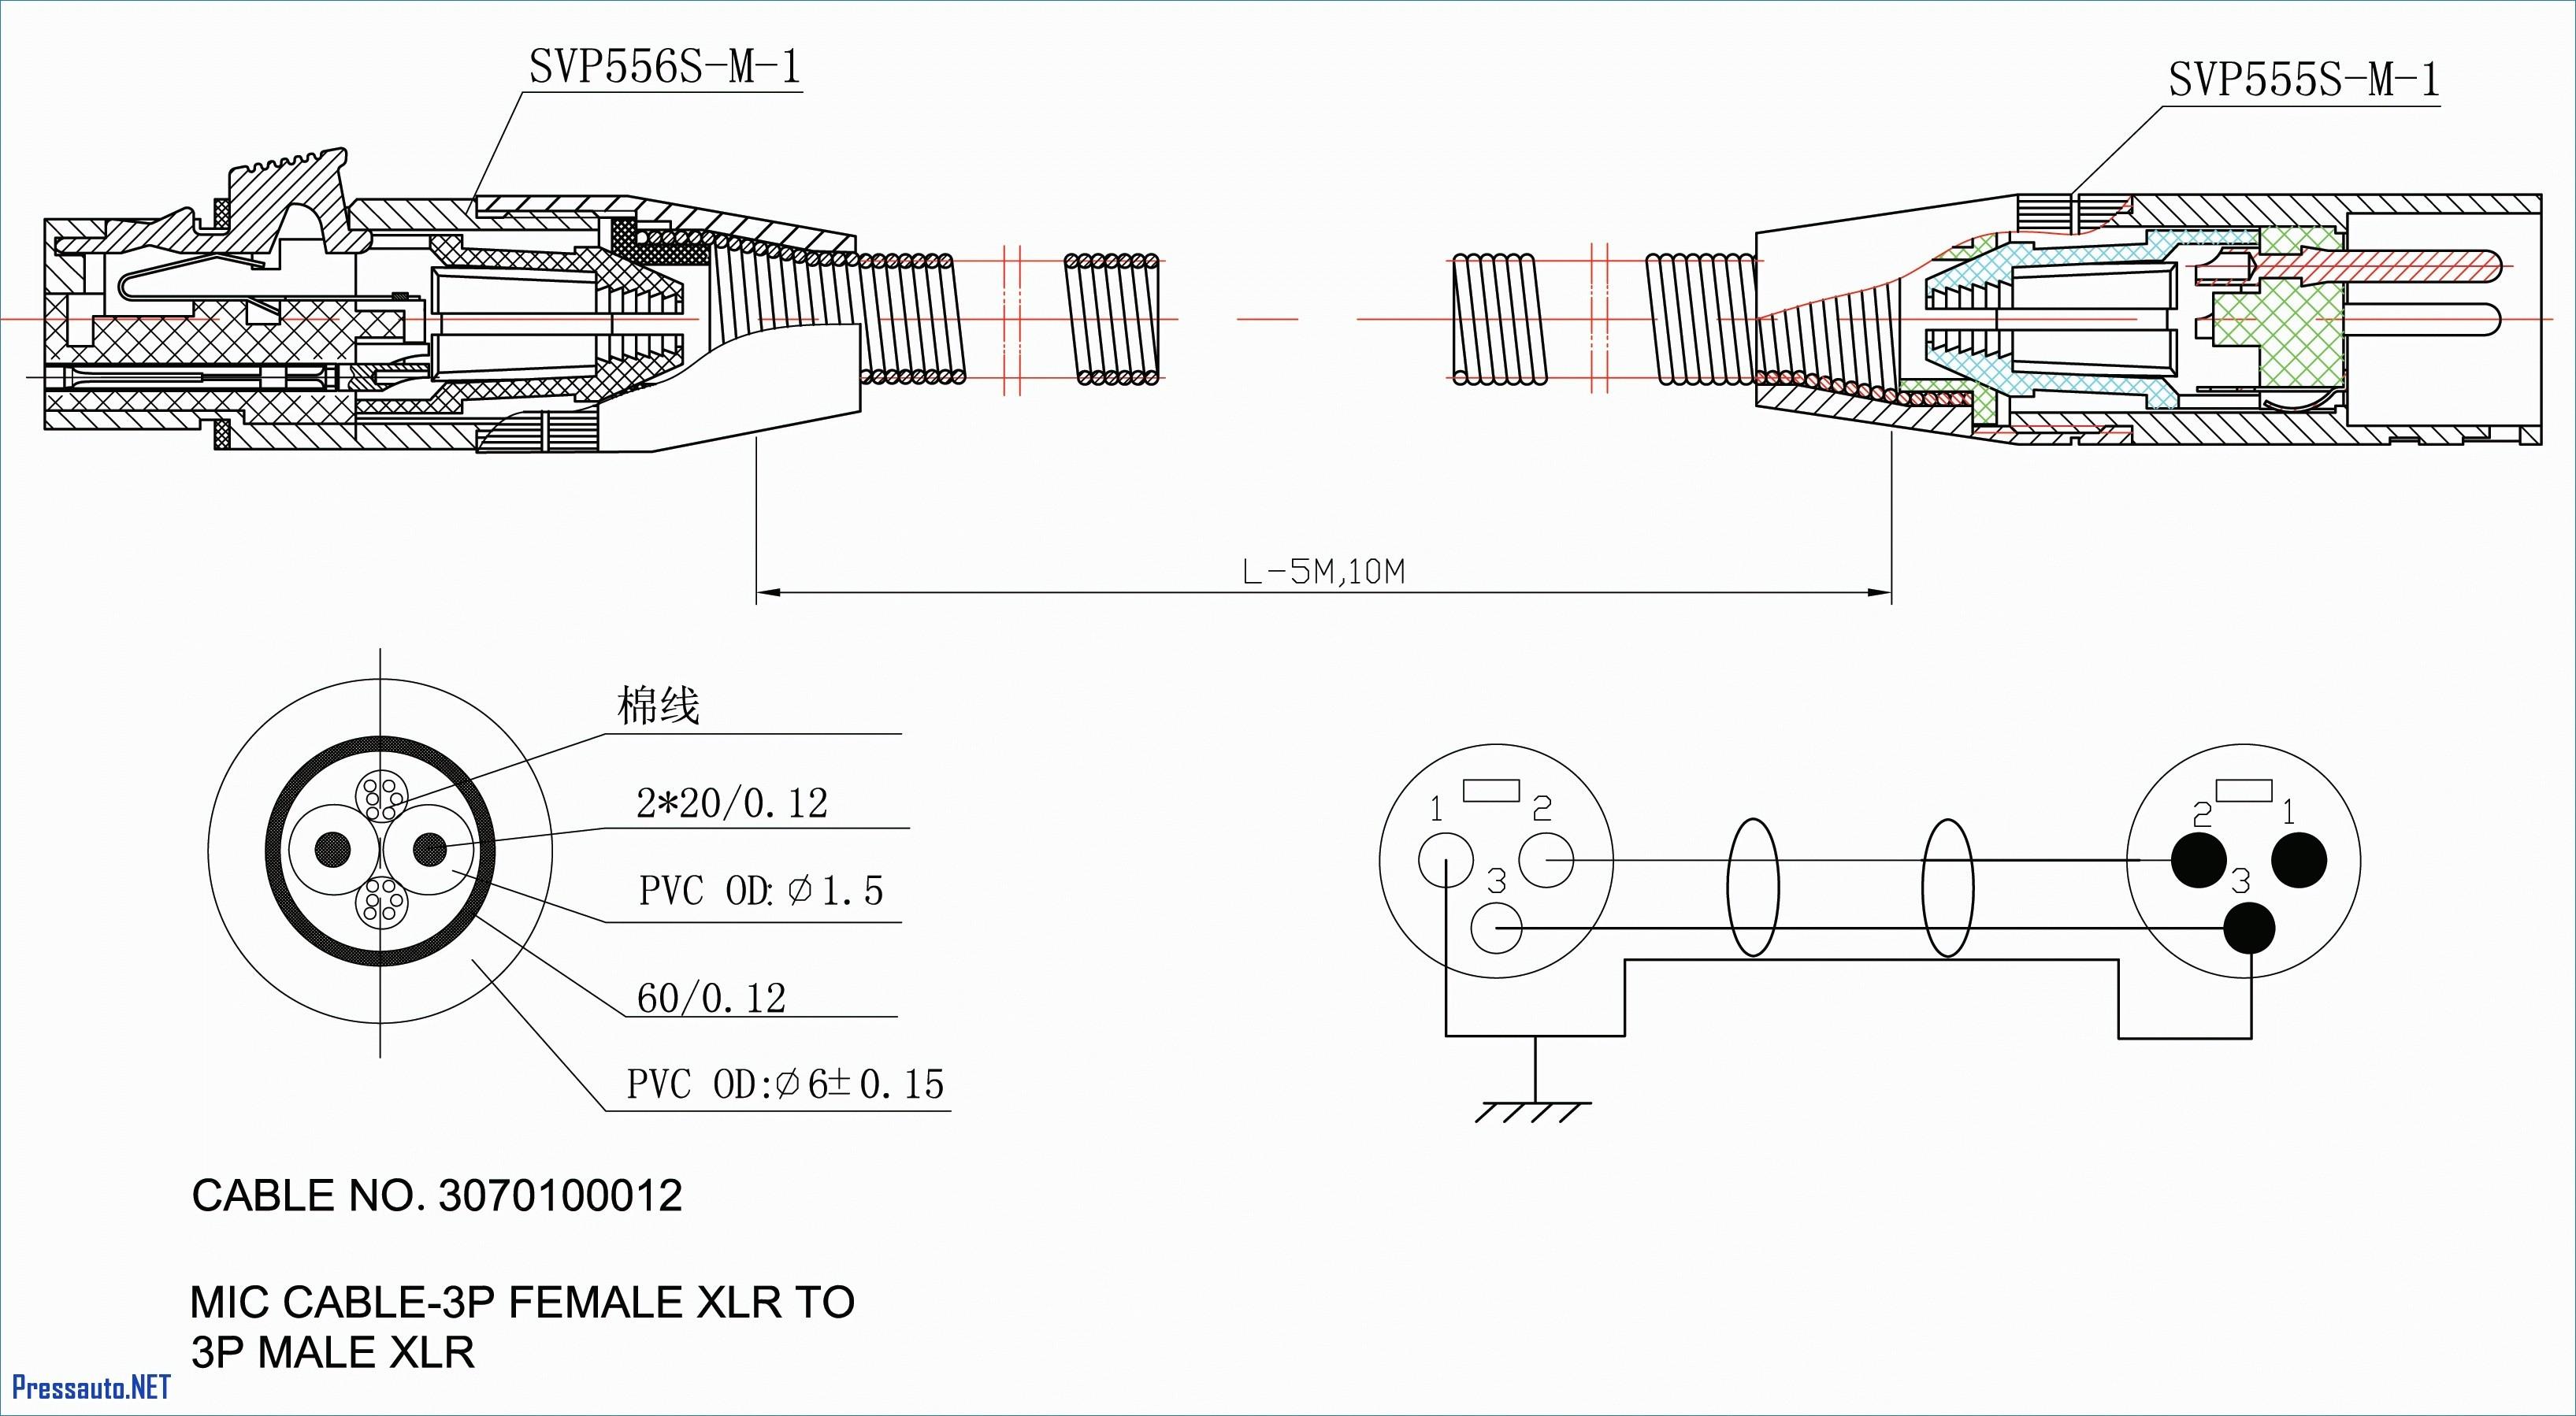 Vw 2 0 Engine Diagram 2 Vw Tdi Engine Diagram Another Blog About Wiring Diagram • Of Vw 2 0 Engine Diagram 2